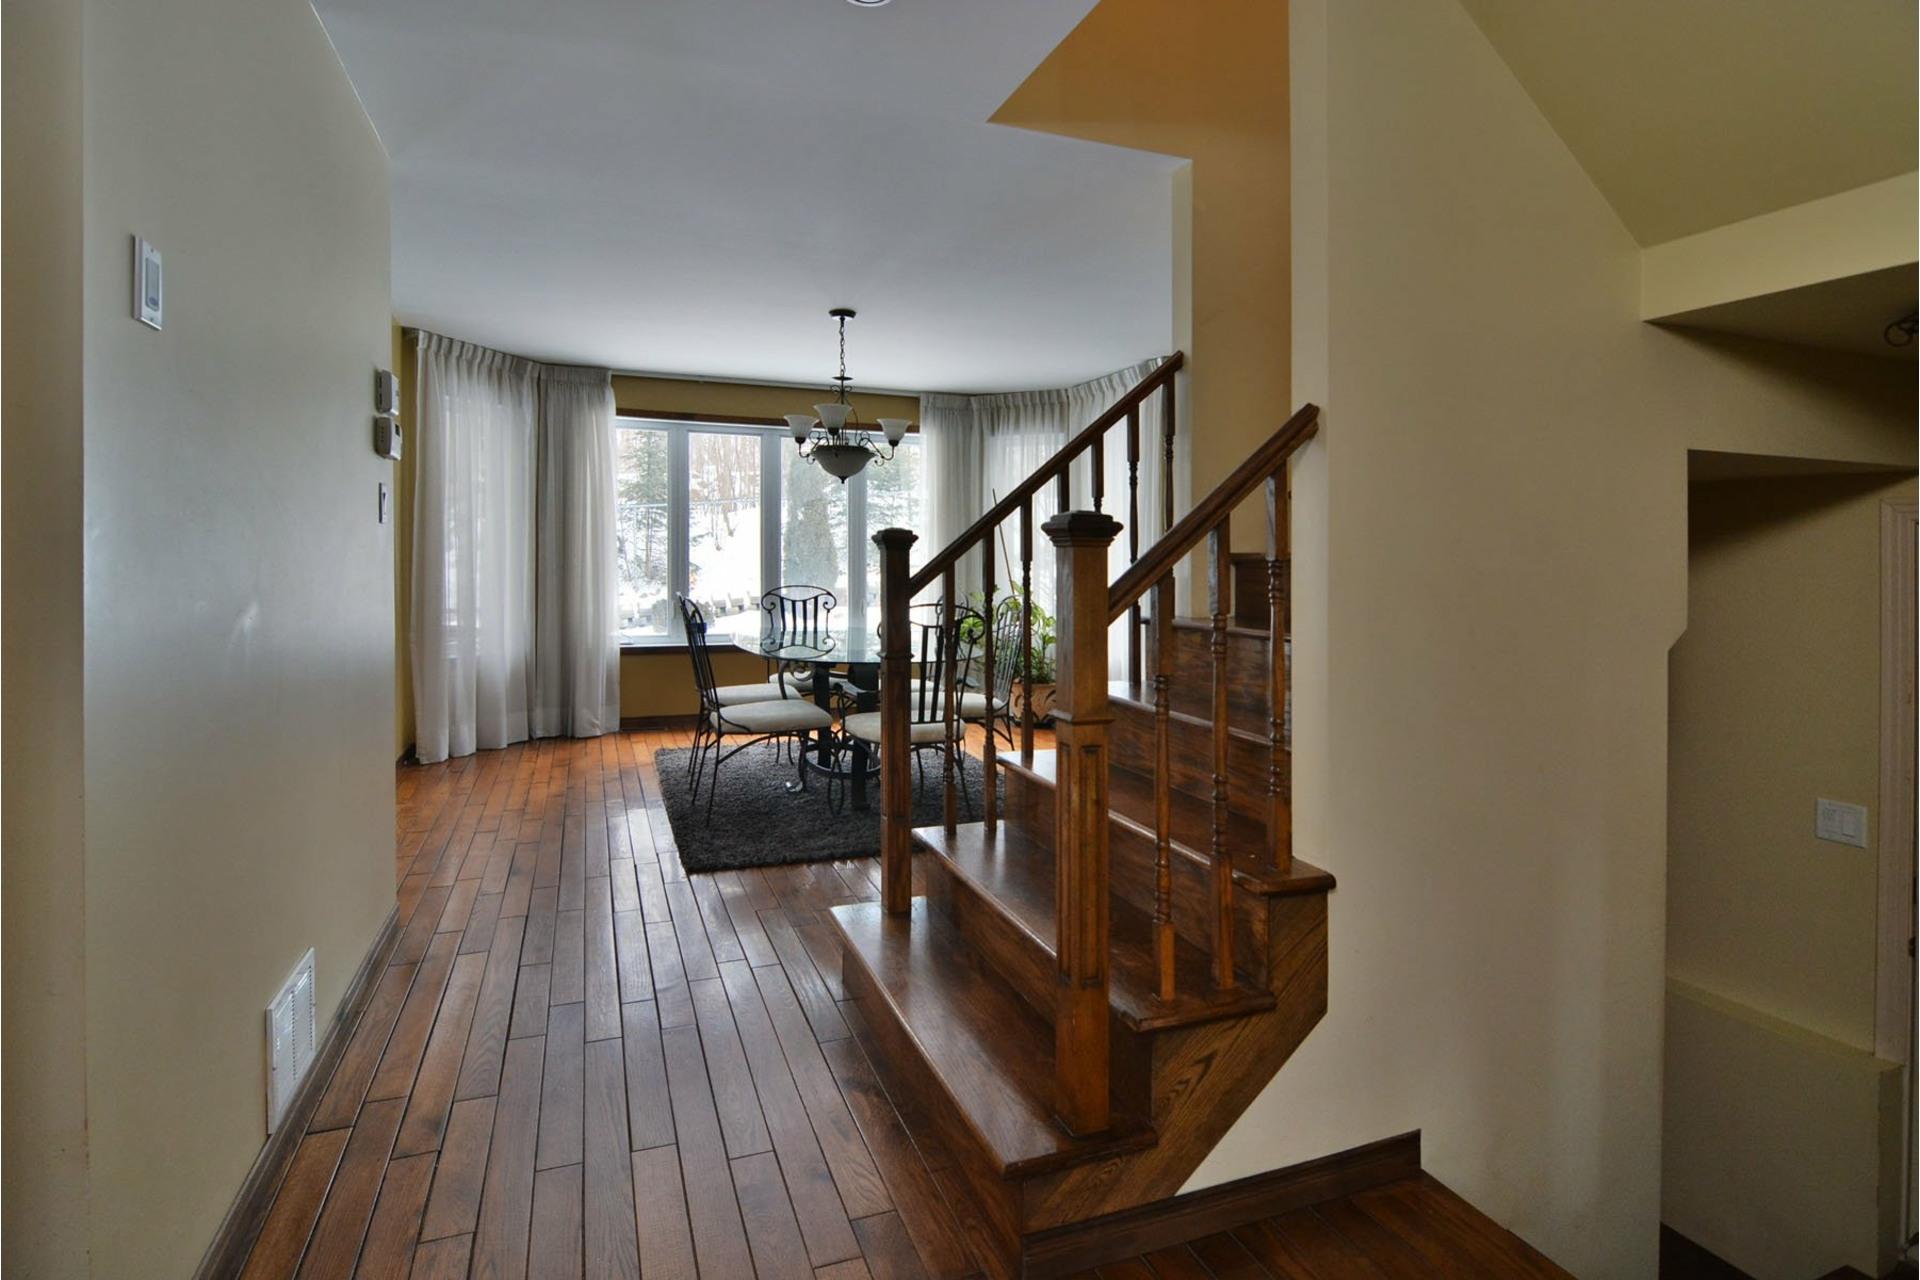 image 7 - Maison À vendre Pierrefonds-Roxboro Montréal  - 12 pièces